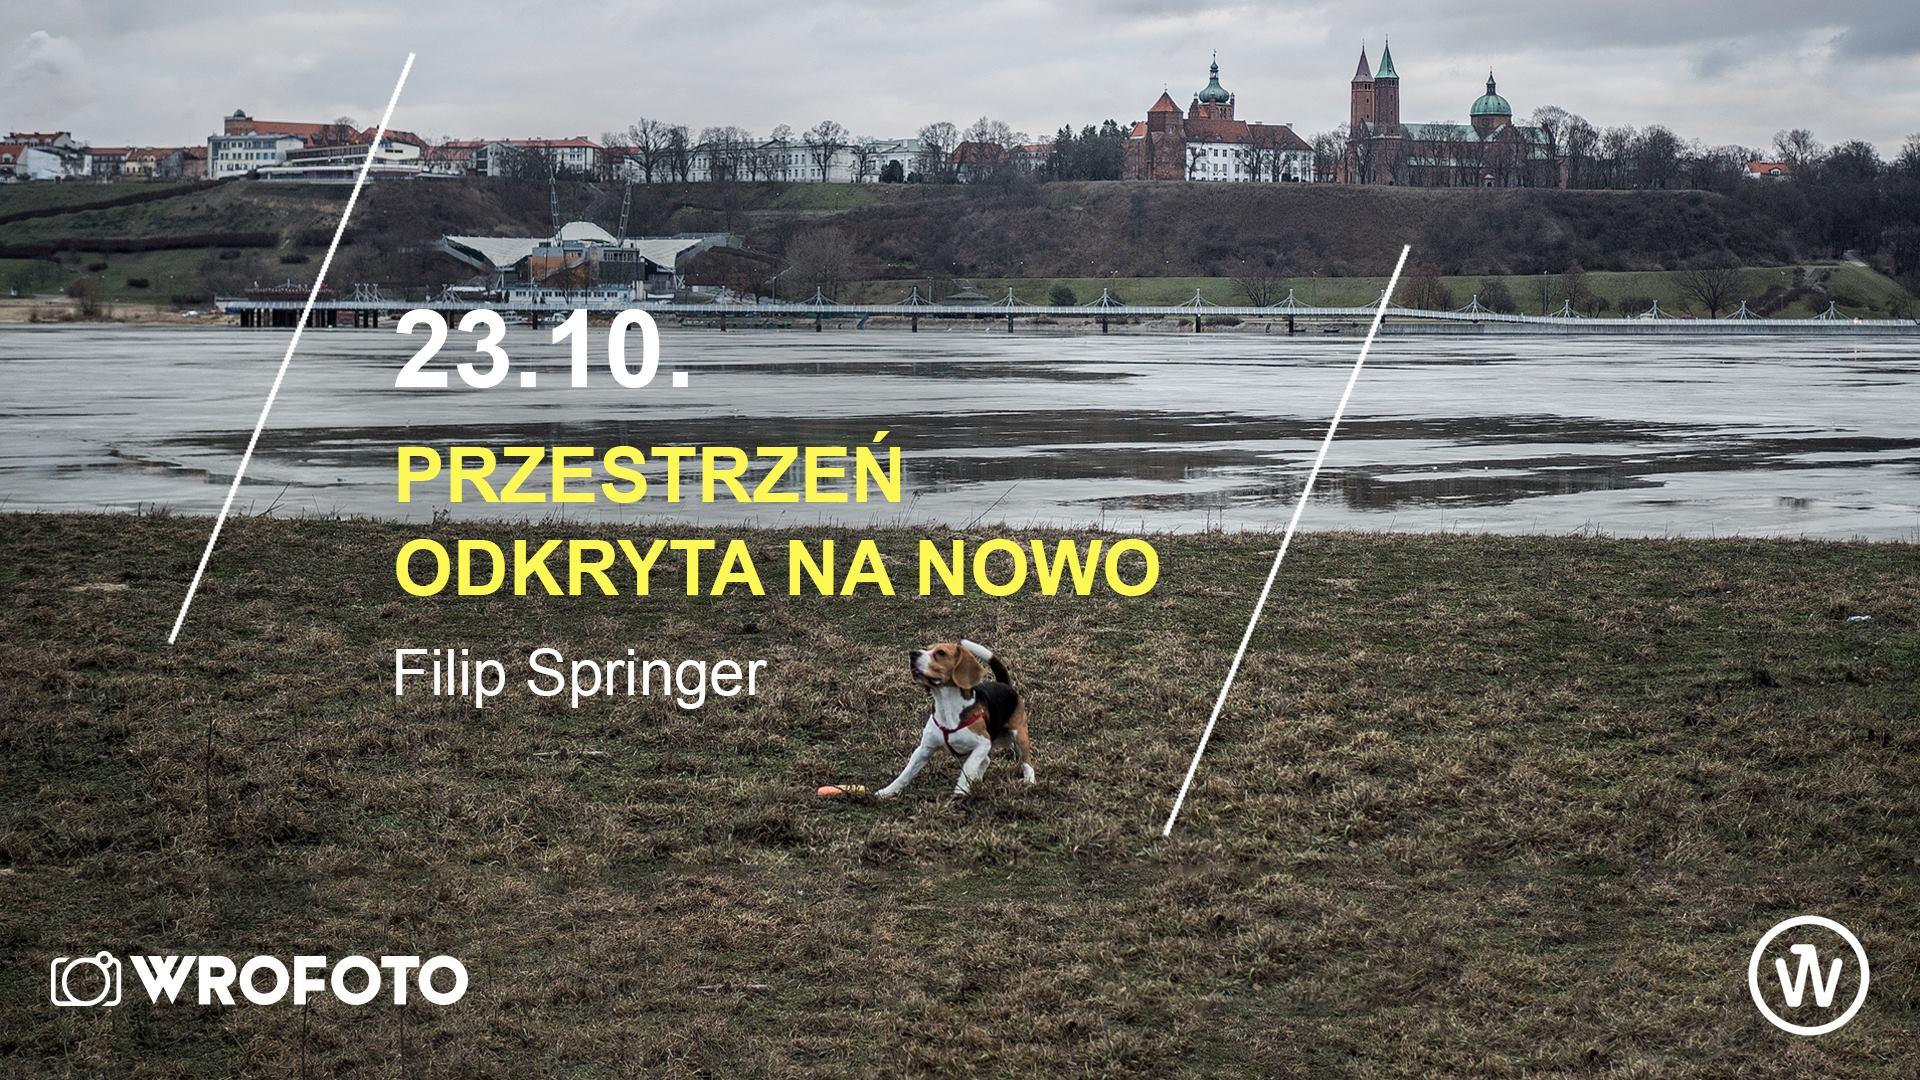 """Filip Springer,""""Przestrzeń odkryta na nowo"""", WroFoto, Wrocław (źródło: materiały prasowe organizatorów)"""